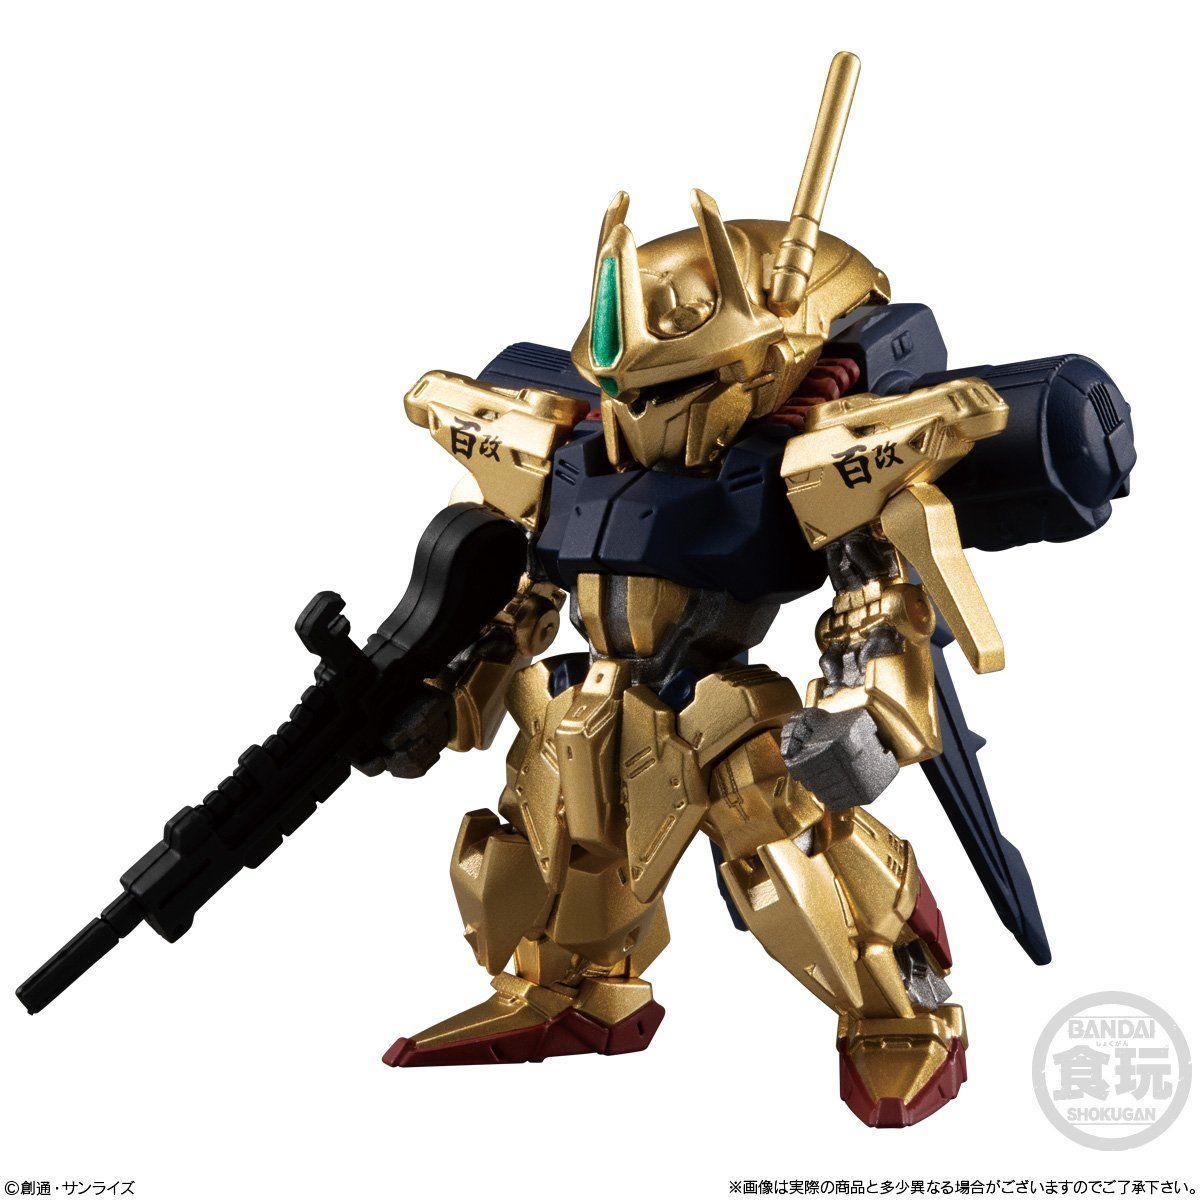 【食玩】機動戦士ガンダム『FW GUNDAM CONVERGE GOLD EDITION』デフォルメフィギュア 8個入りBOX-003